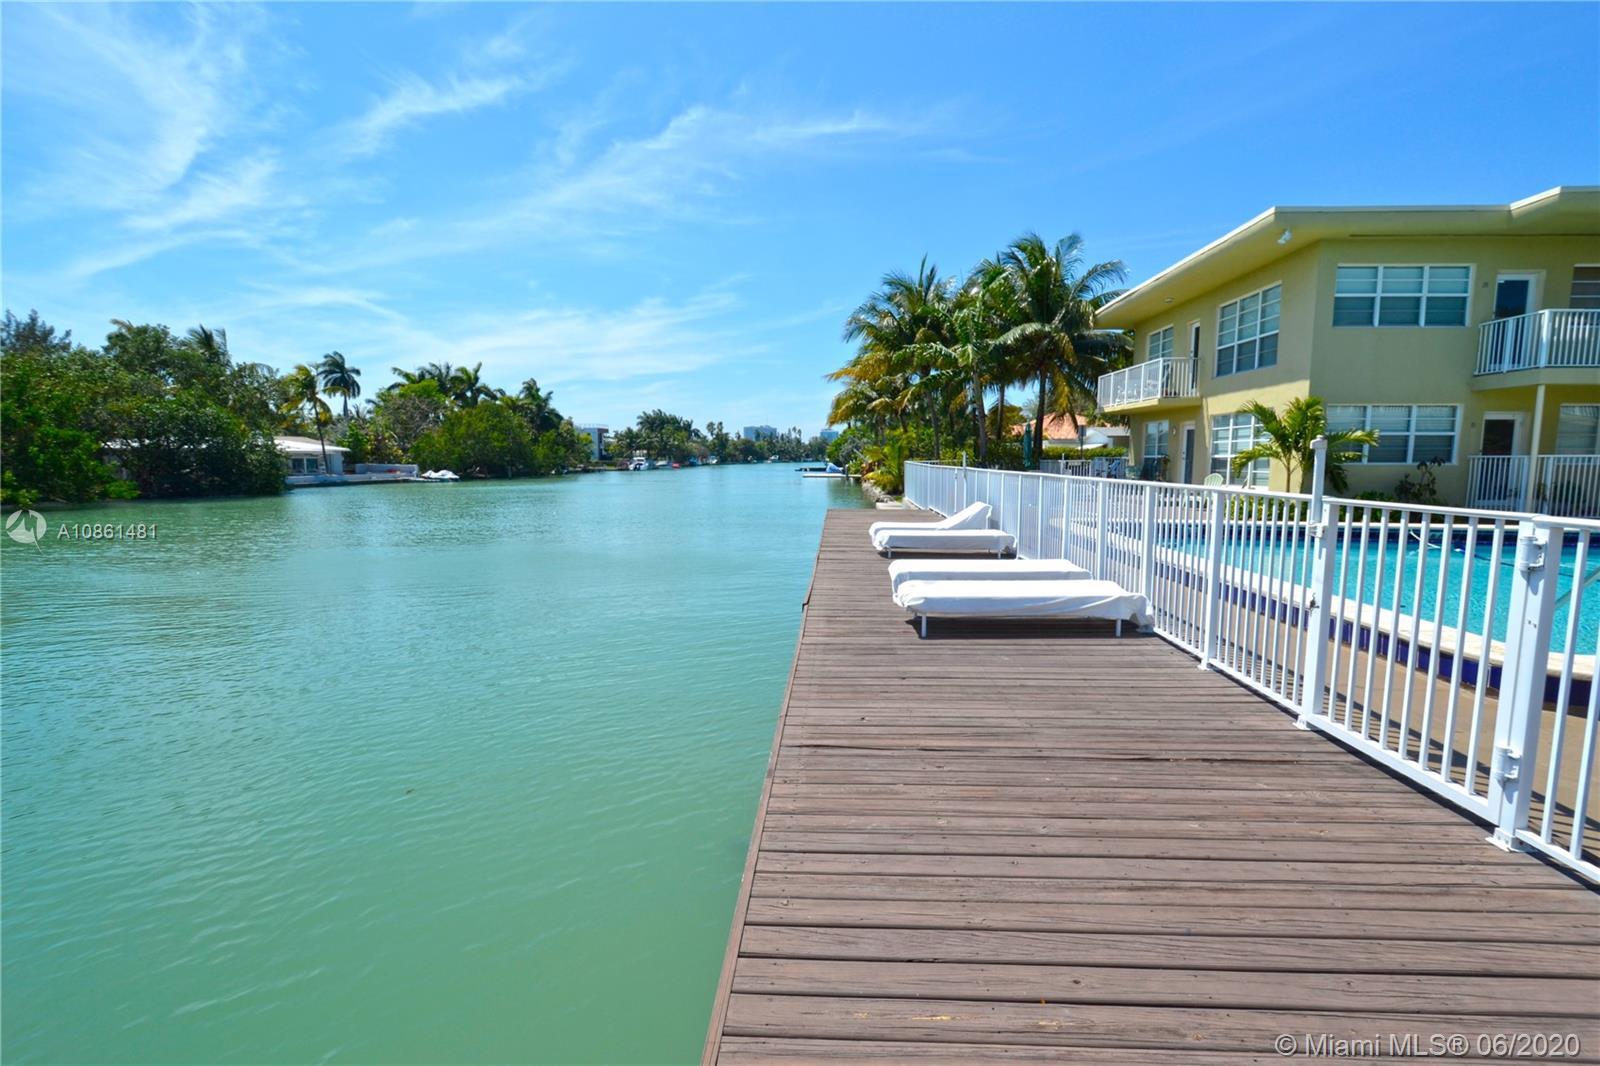 350 S Shore Dr #17 For Sale A10861481, FL